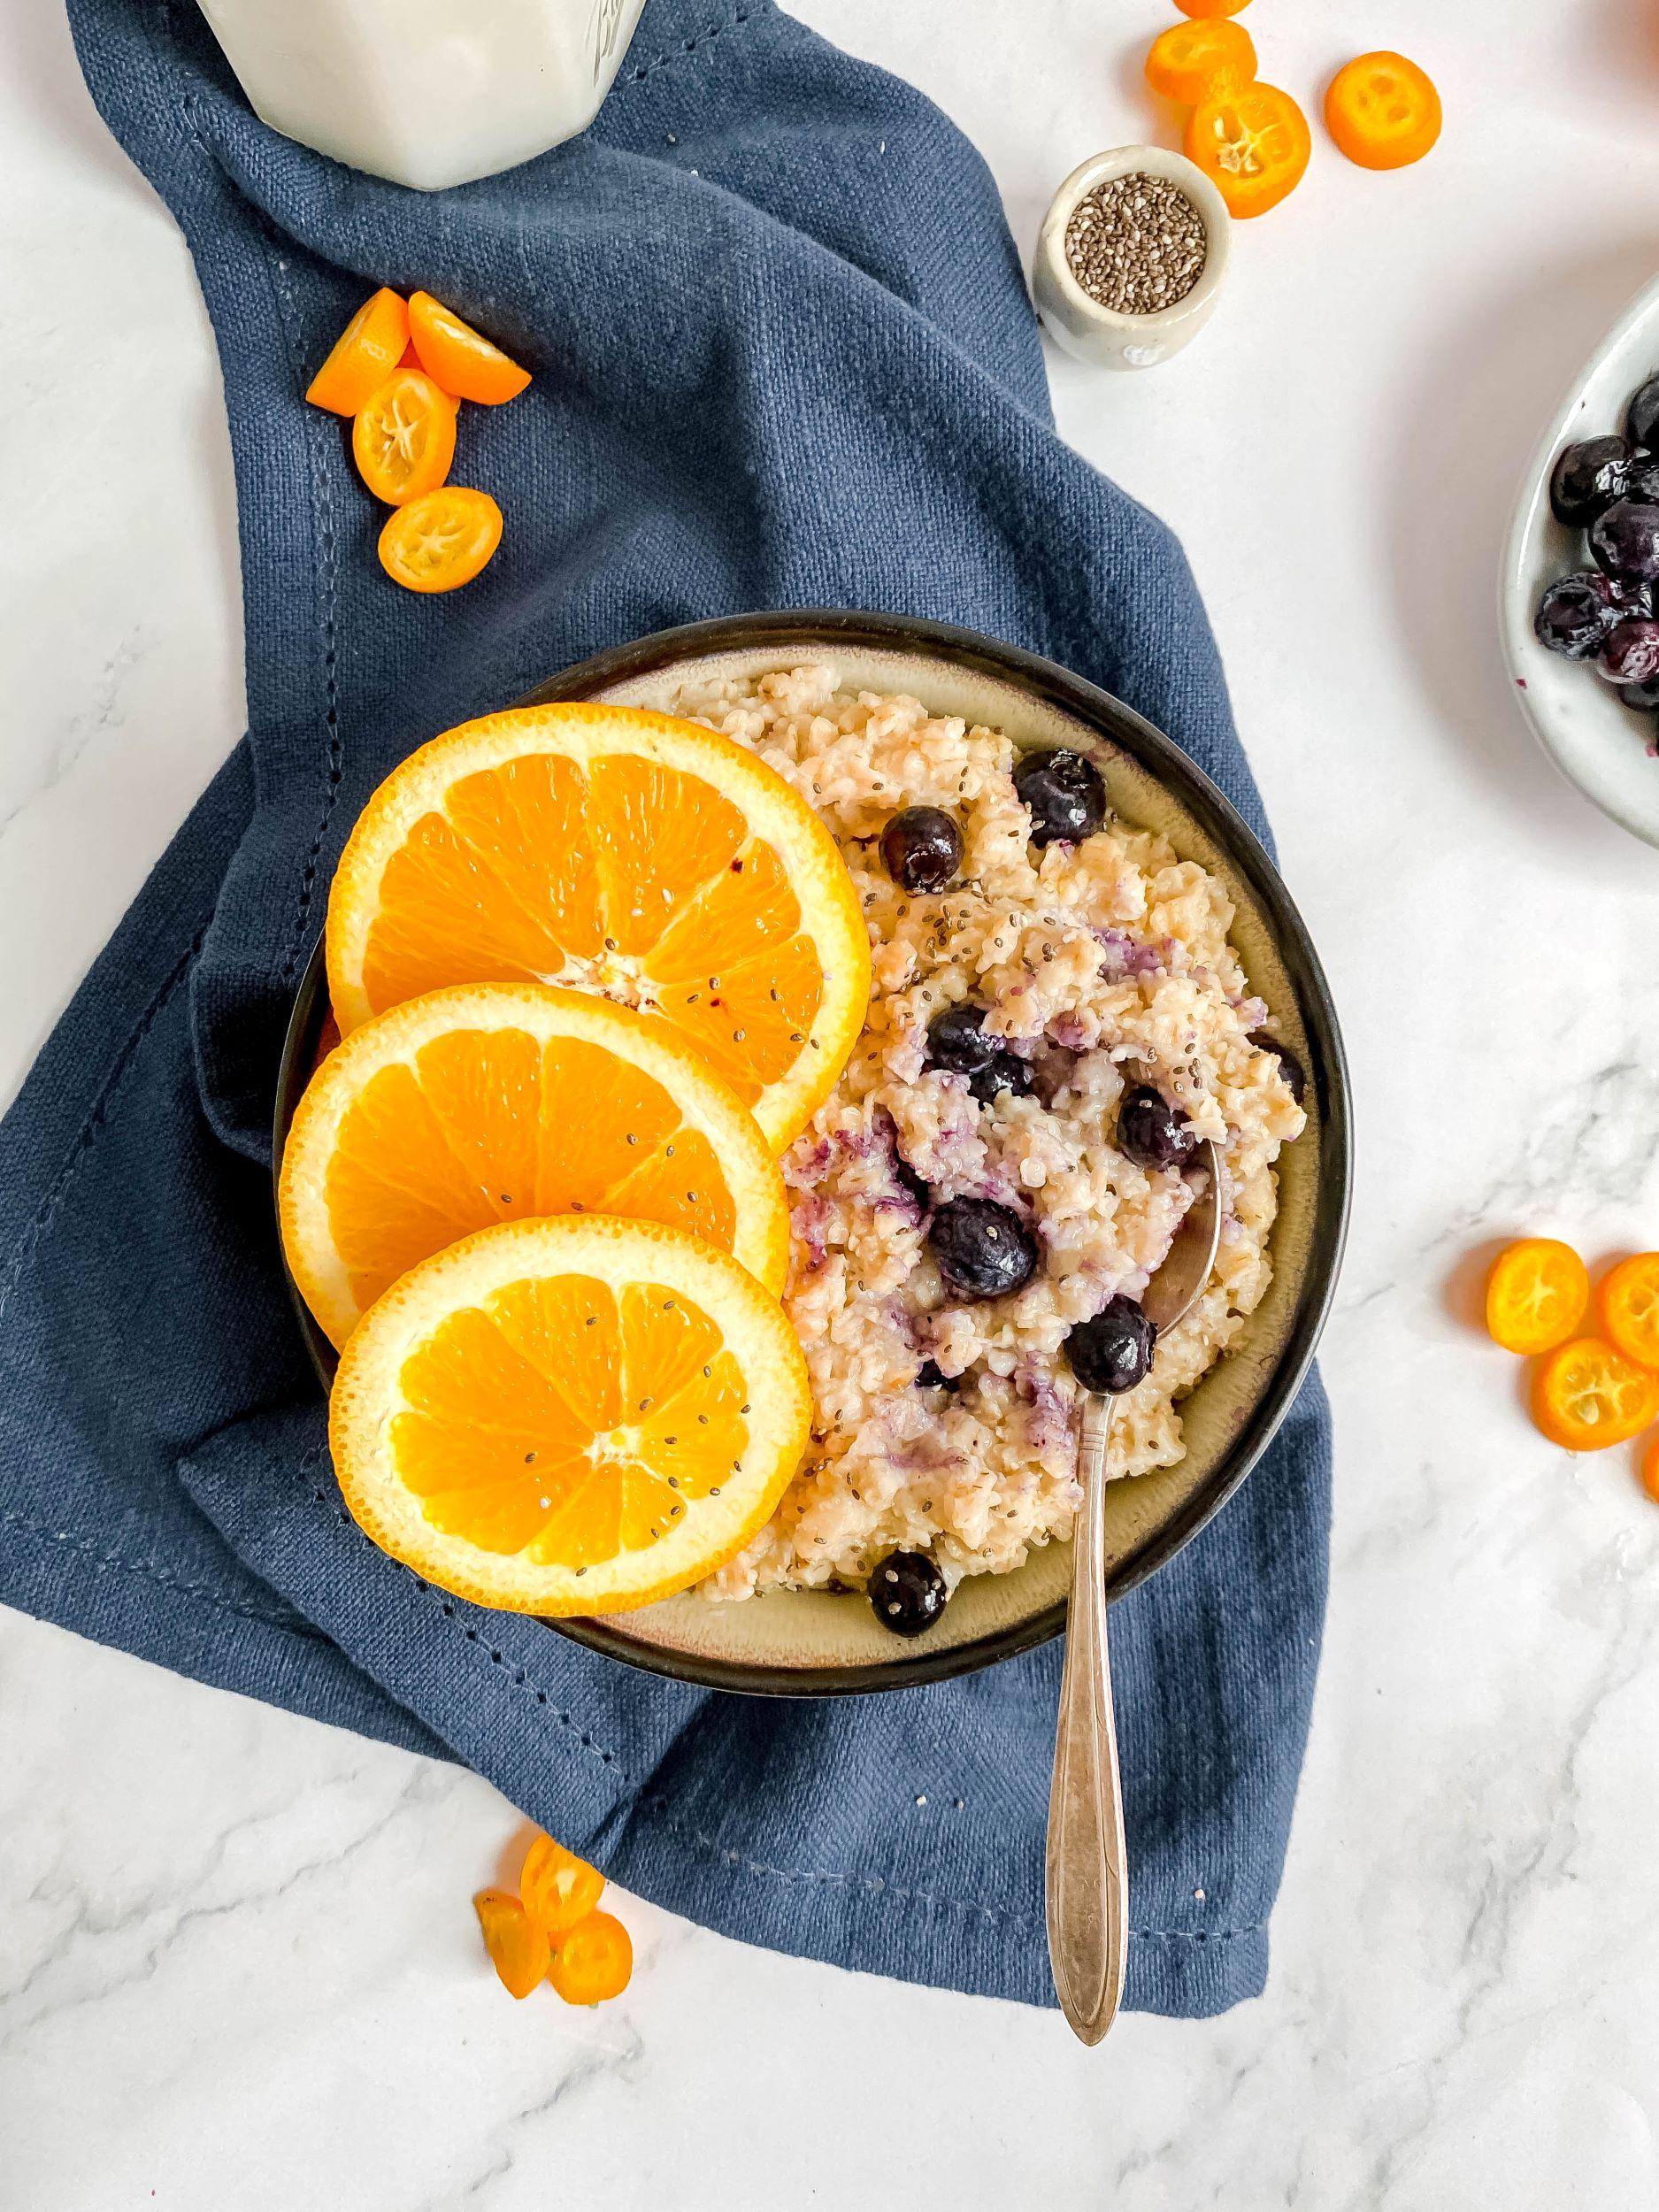 Blueberry Orange Oatmeal Bowl